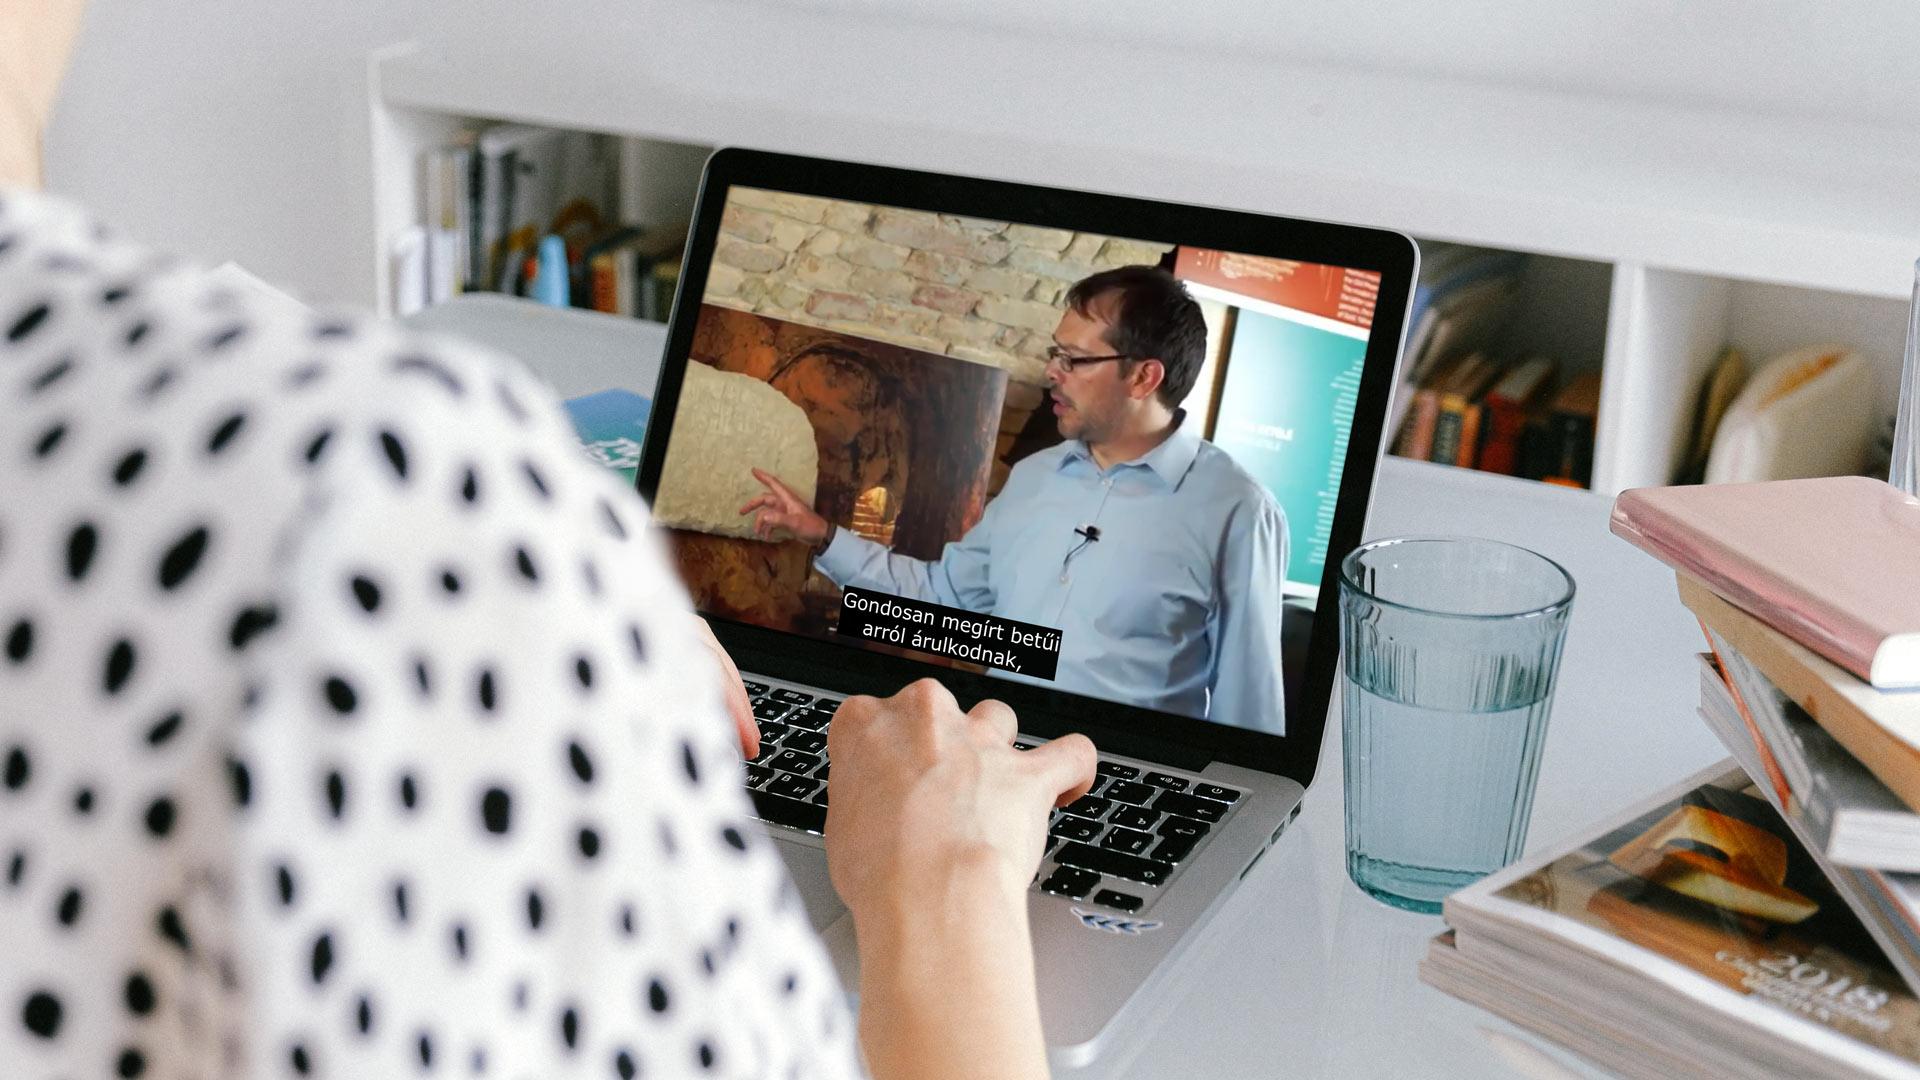 Hogyan tartsuk fenn a látást, amikor a számítógépen dolgozik?